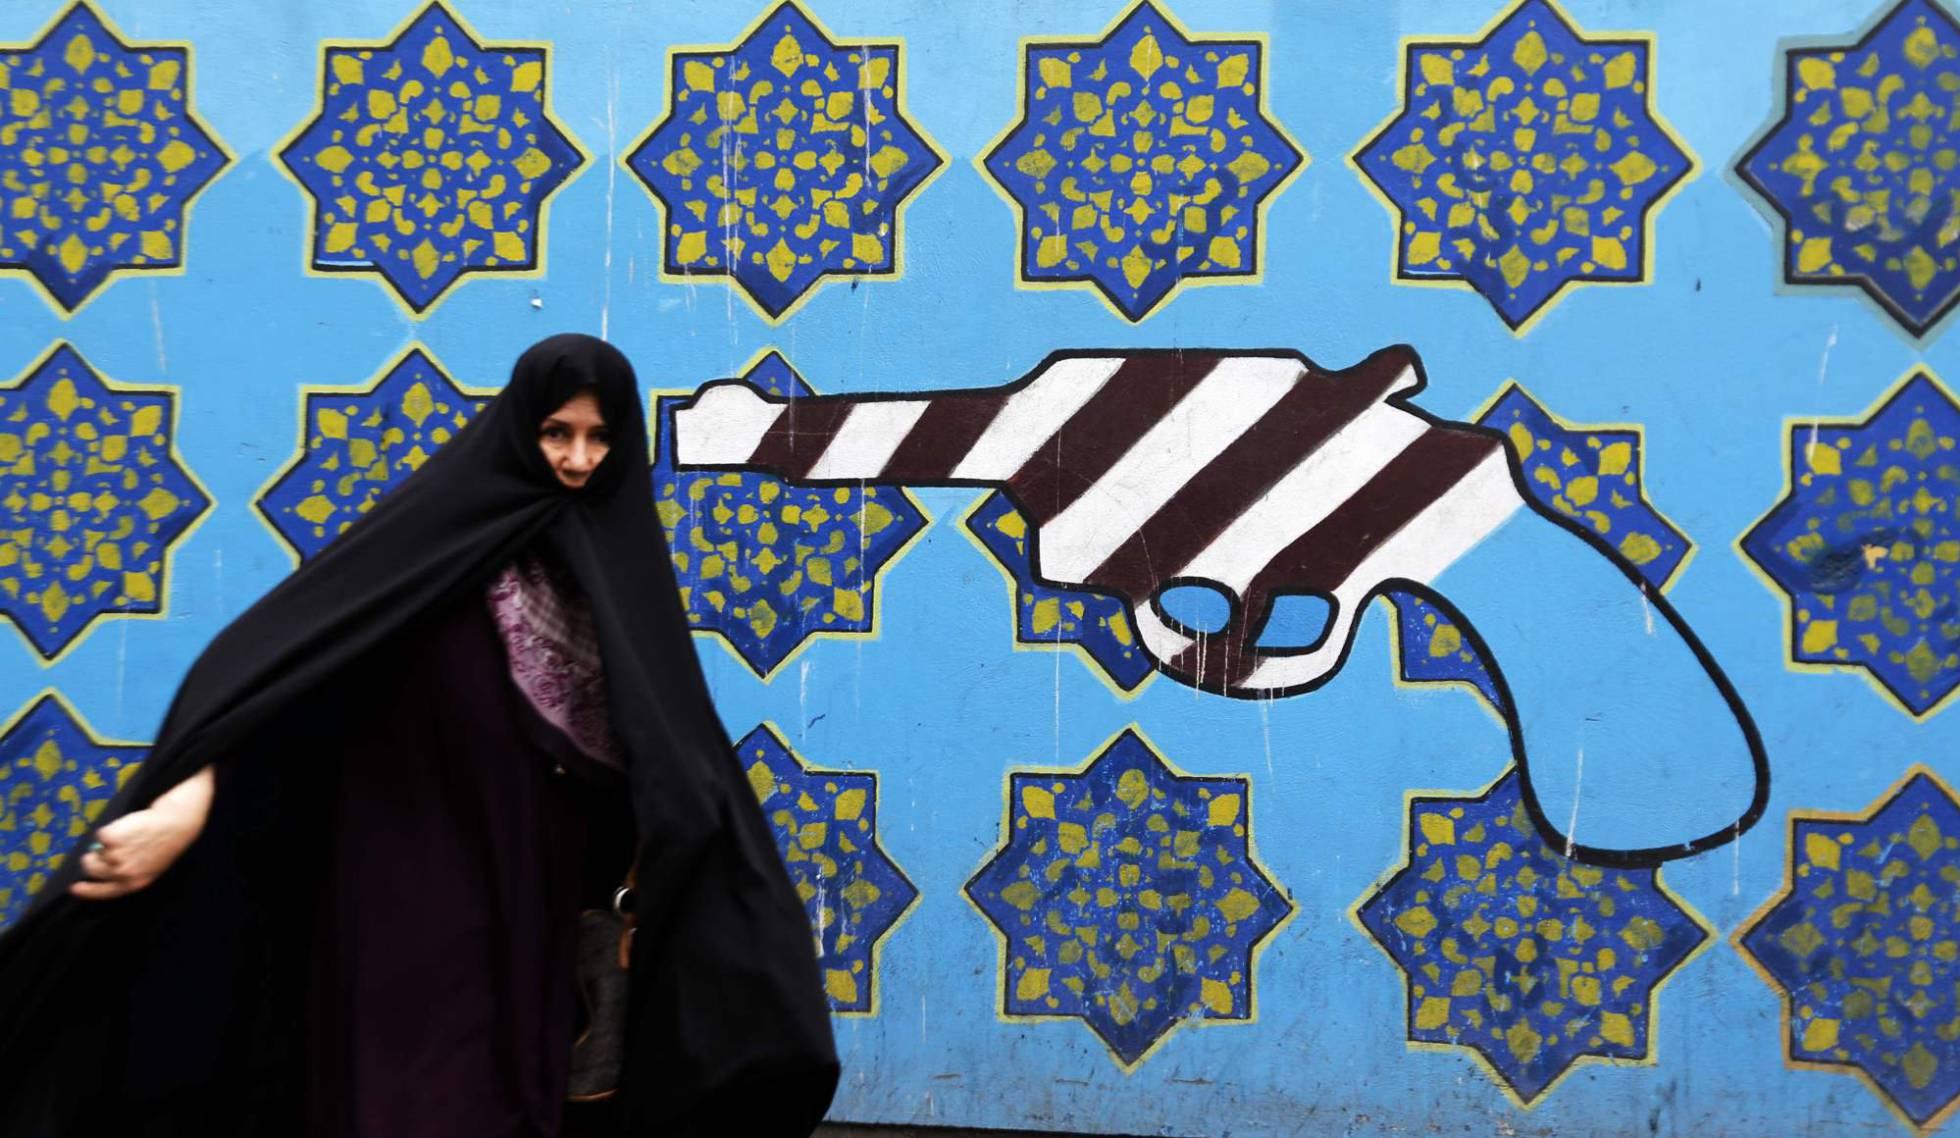 militar - Pacto Nuclear con Irán - Página 32 1525801286_805429_1525809258_noticia_normal_recorte1